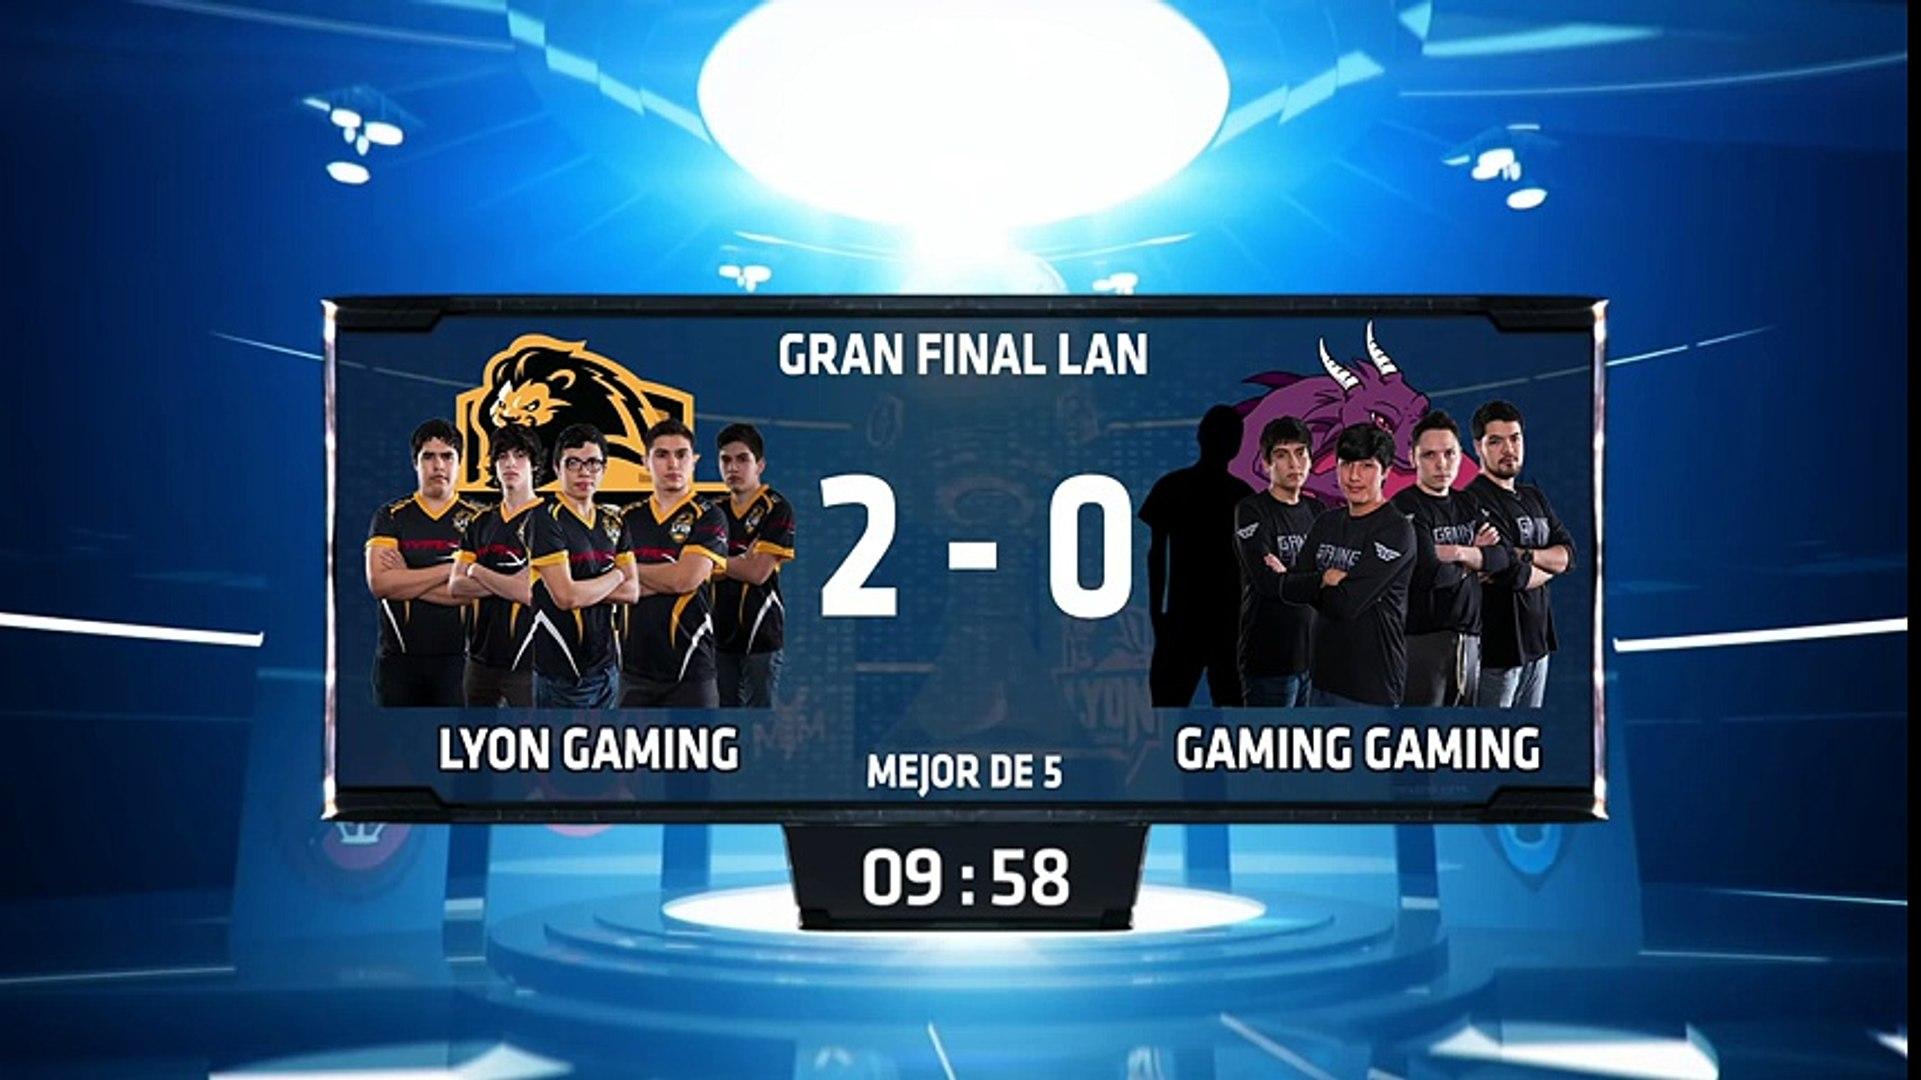 Lyon Gaming vs Gaming Gaming - La Final 68